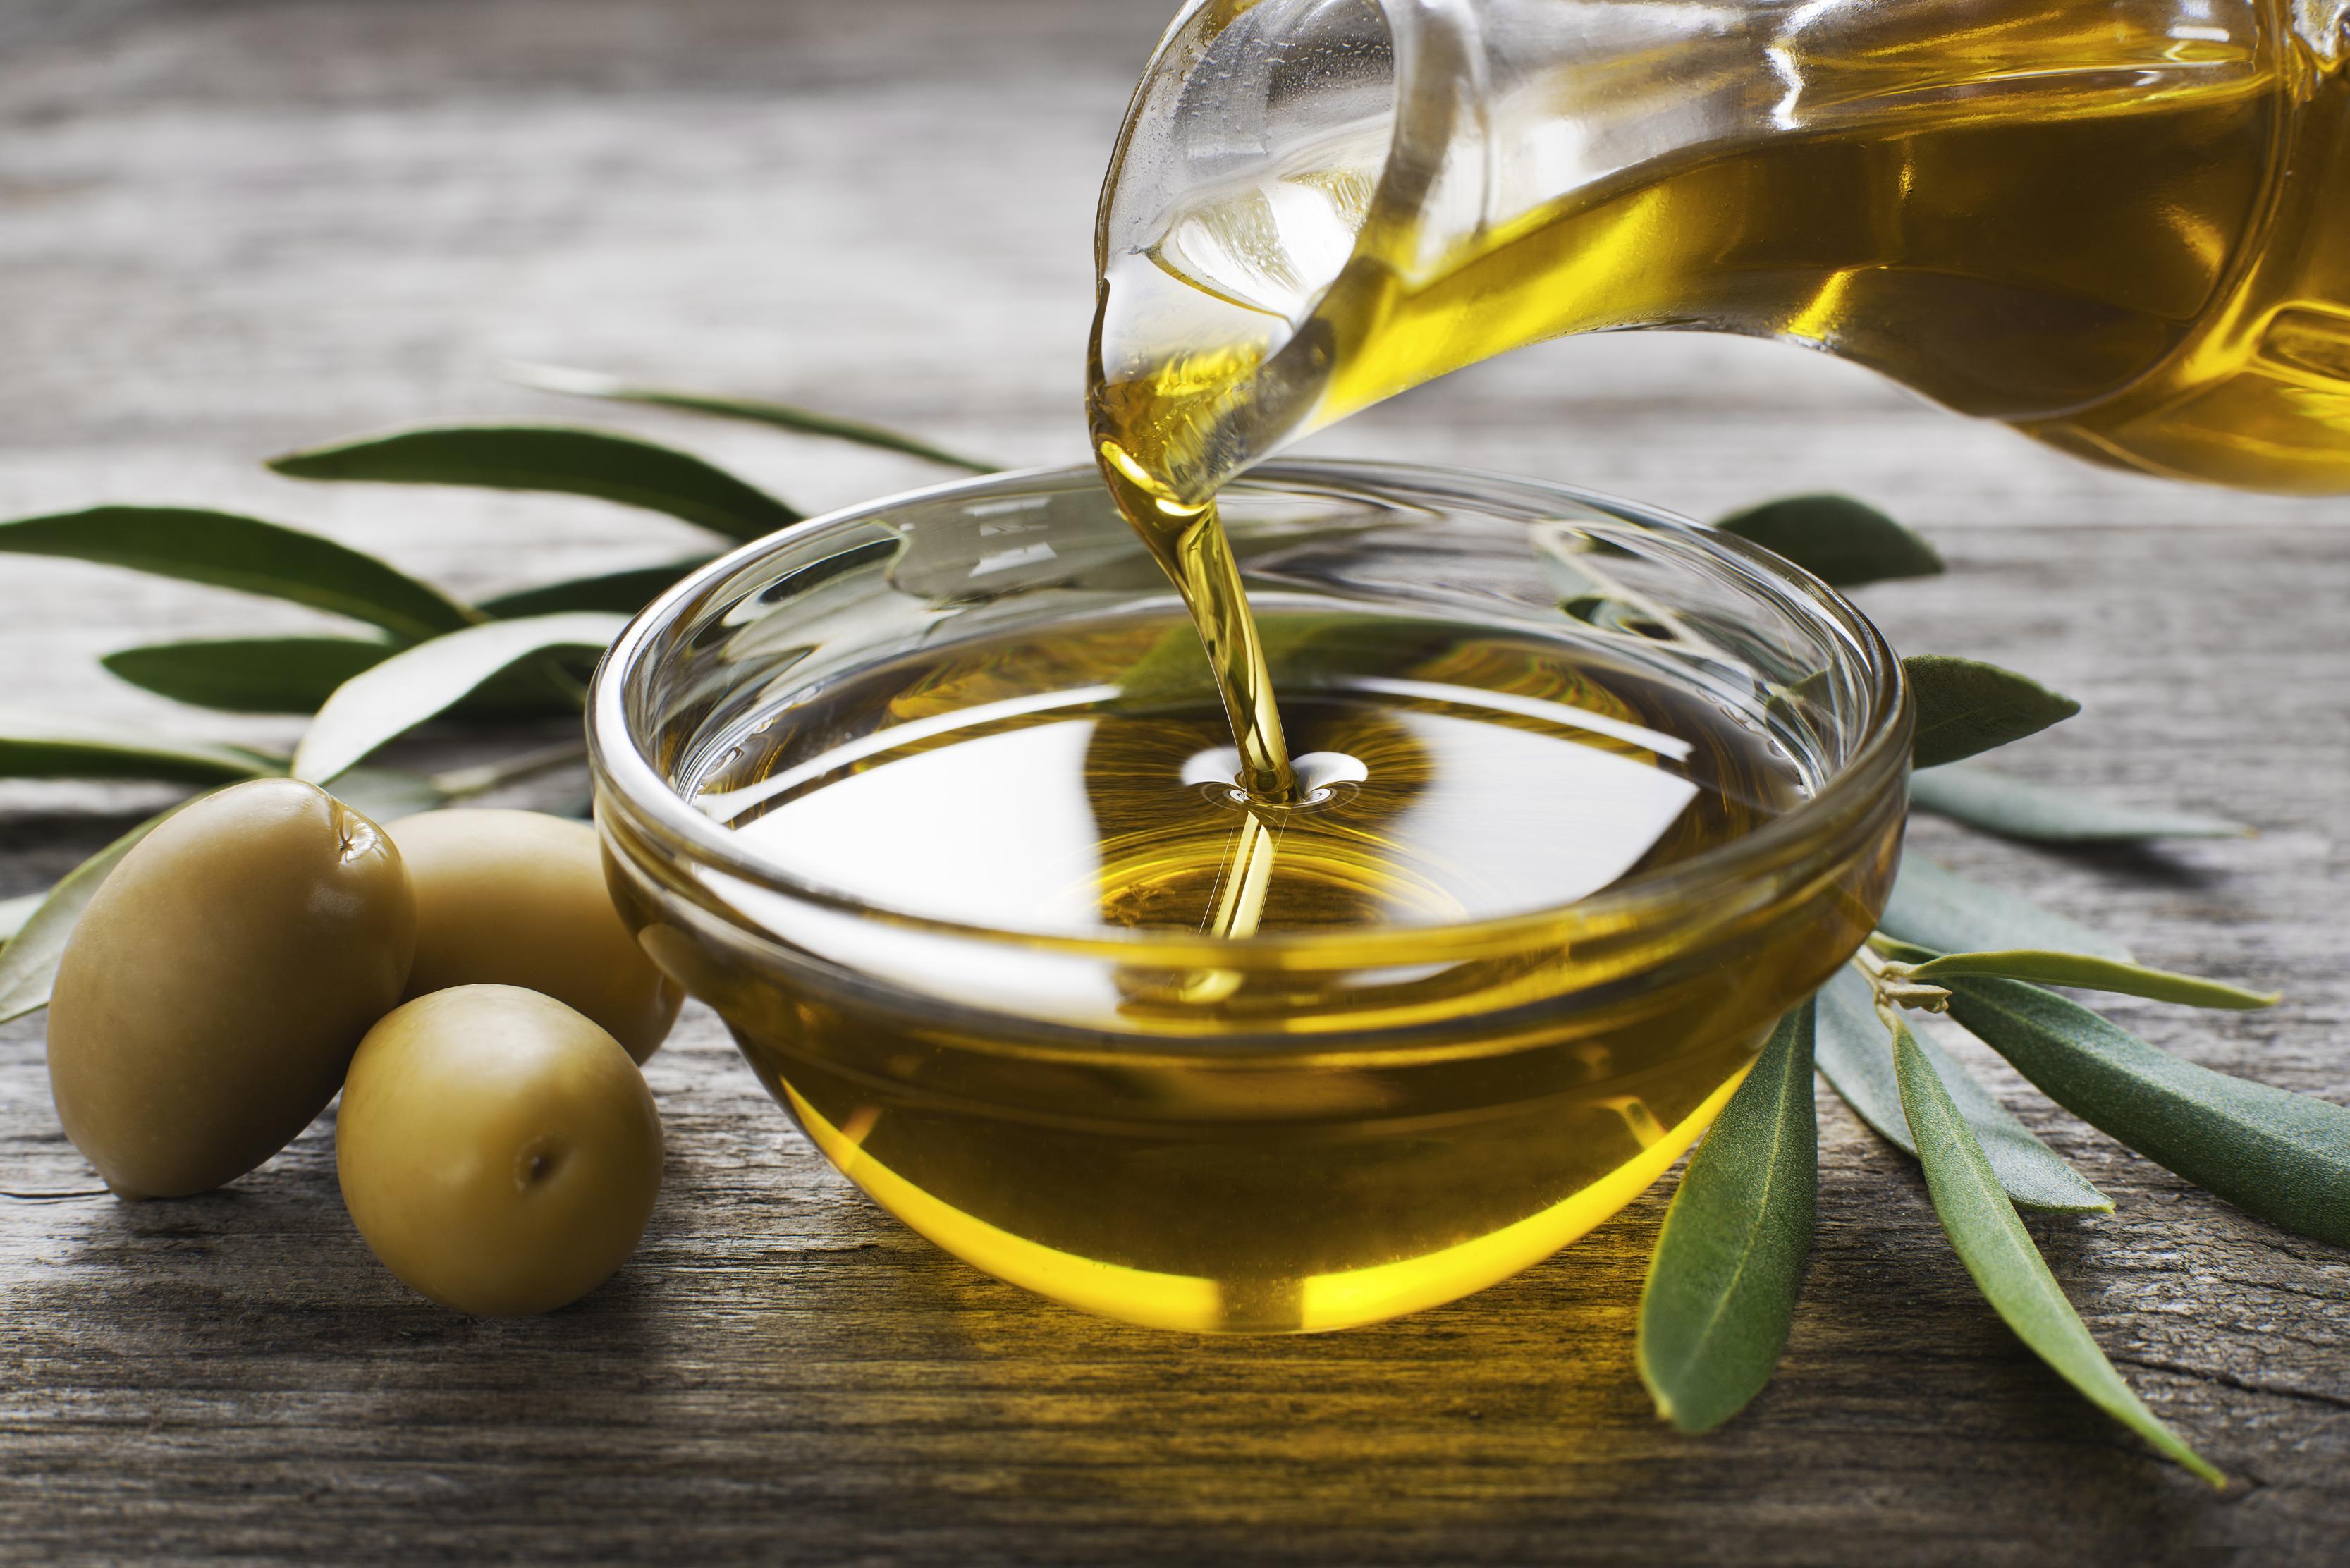 صور علاج زيت الزيتون , ماذا يعلاج زيت الزيتون